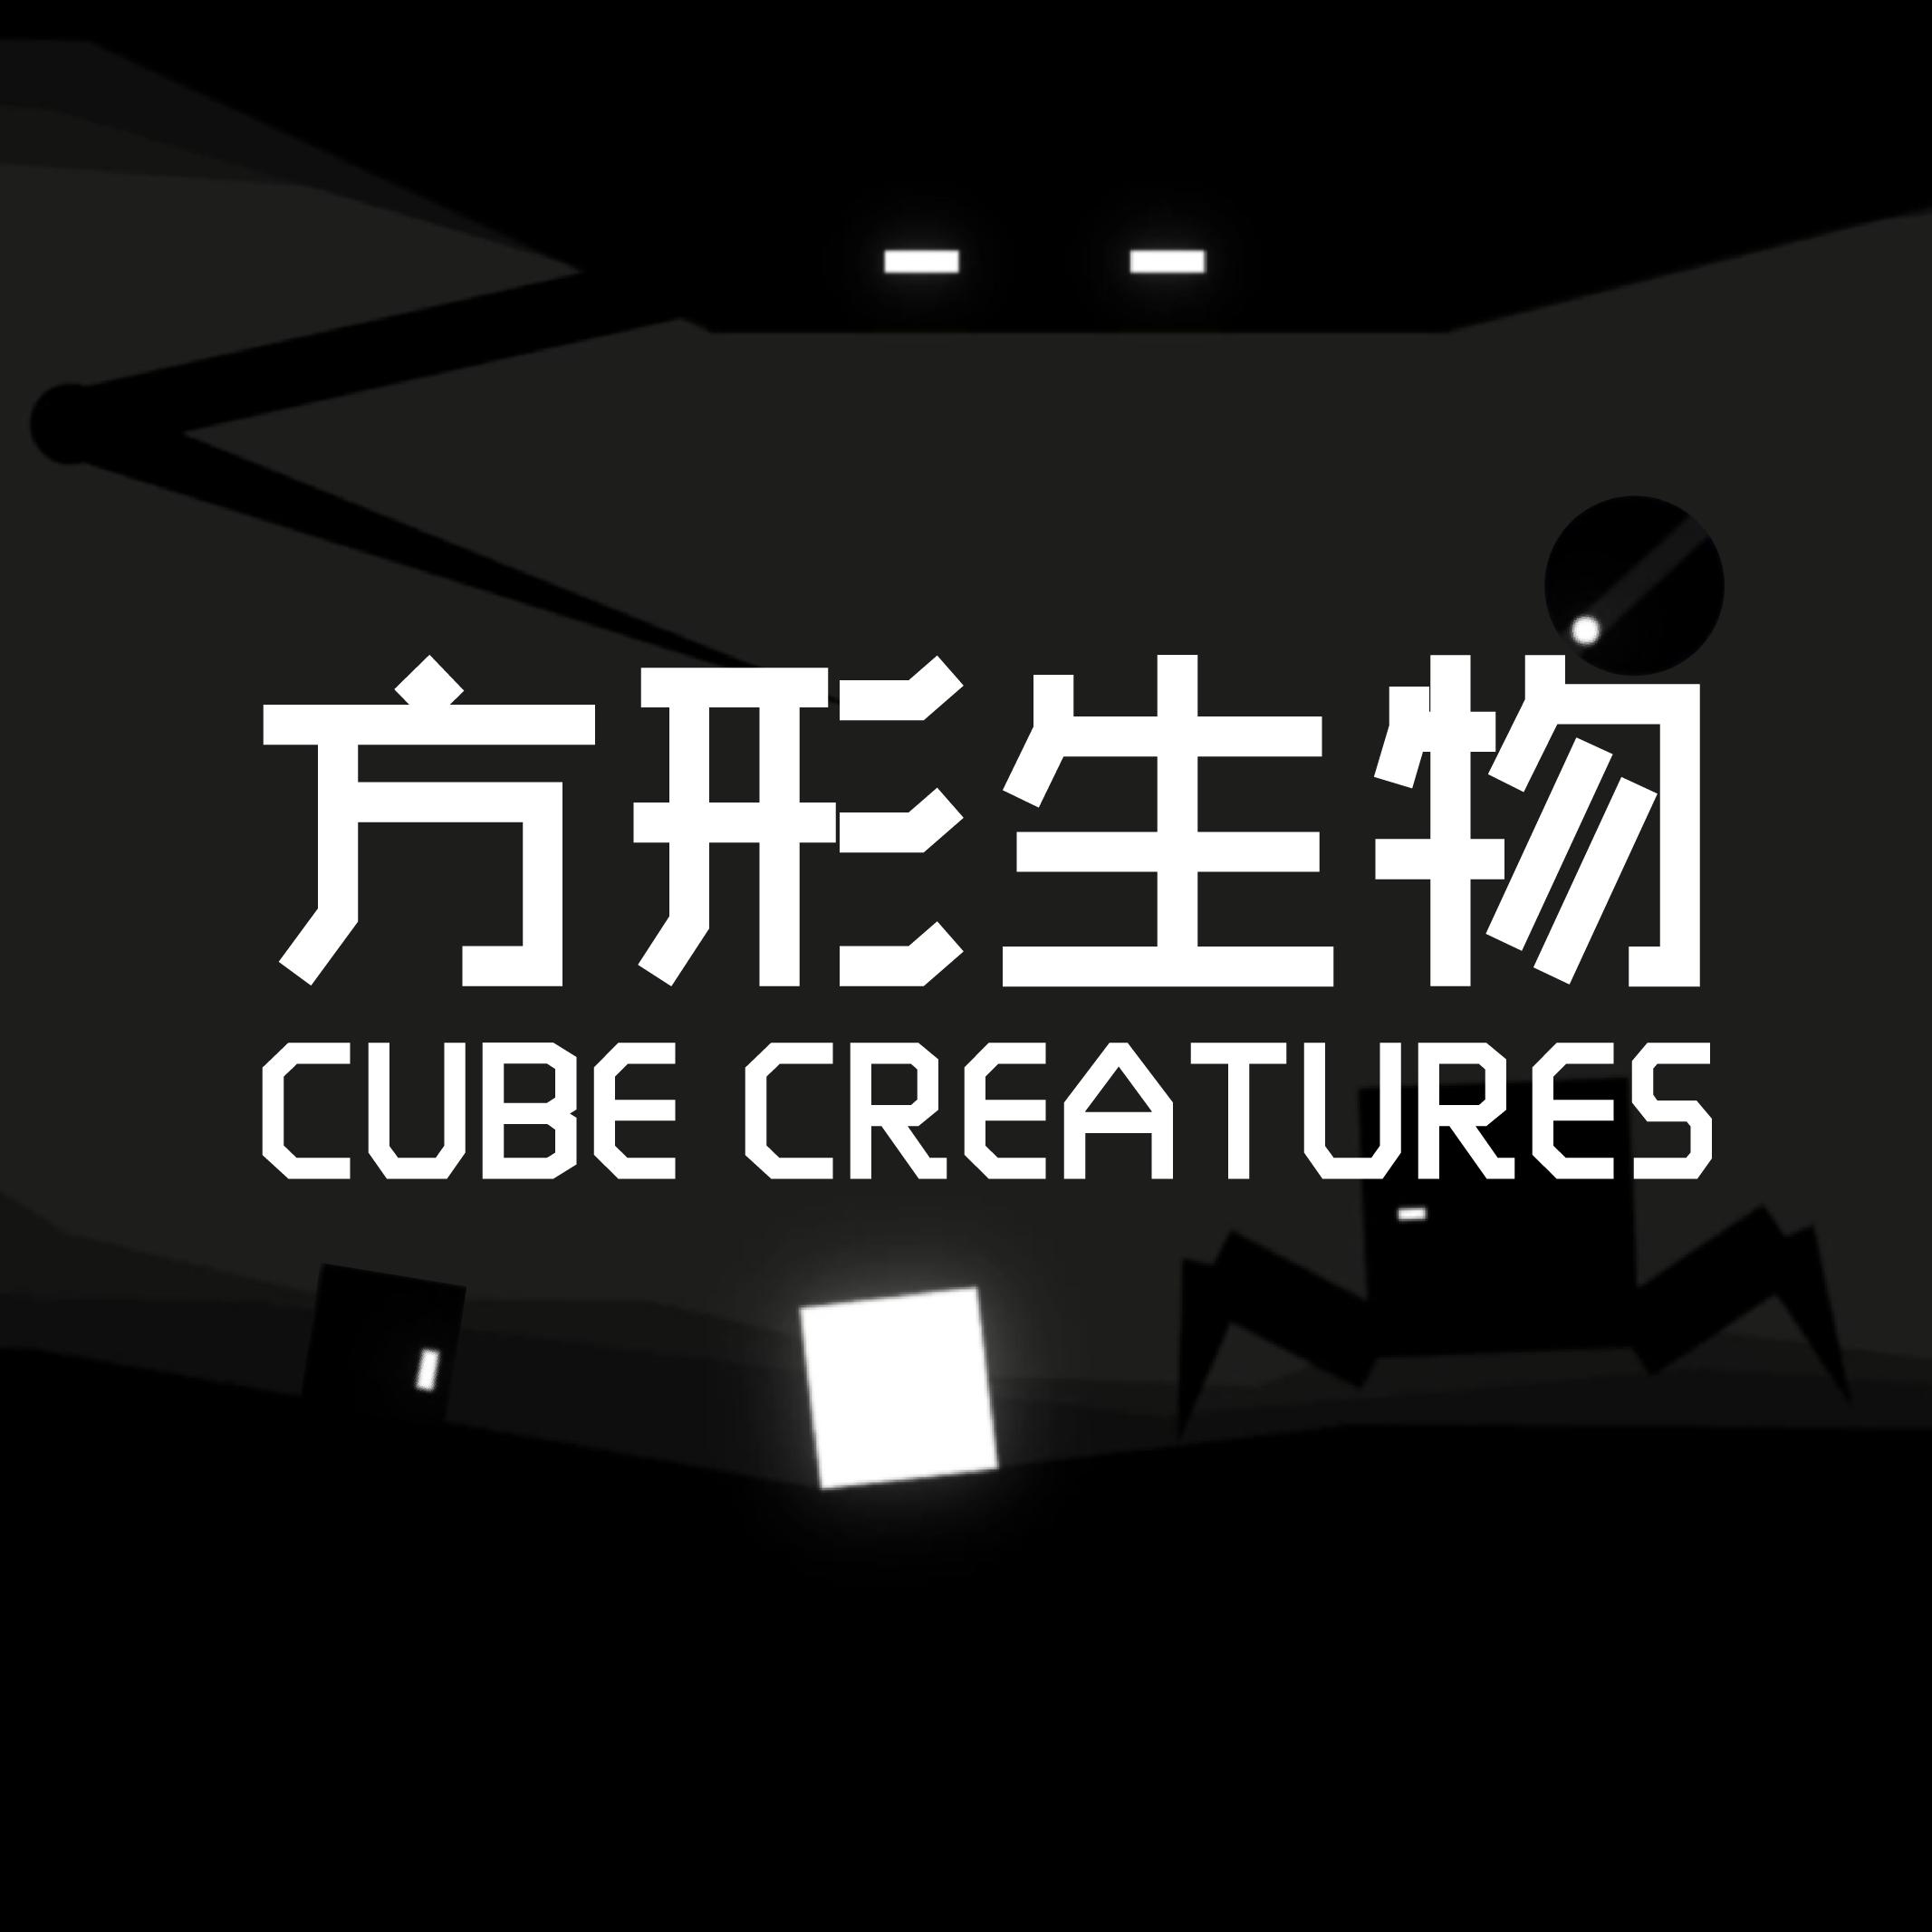 CUBE CREATURES